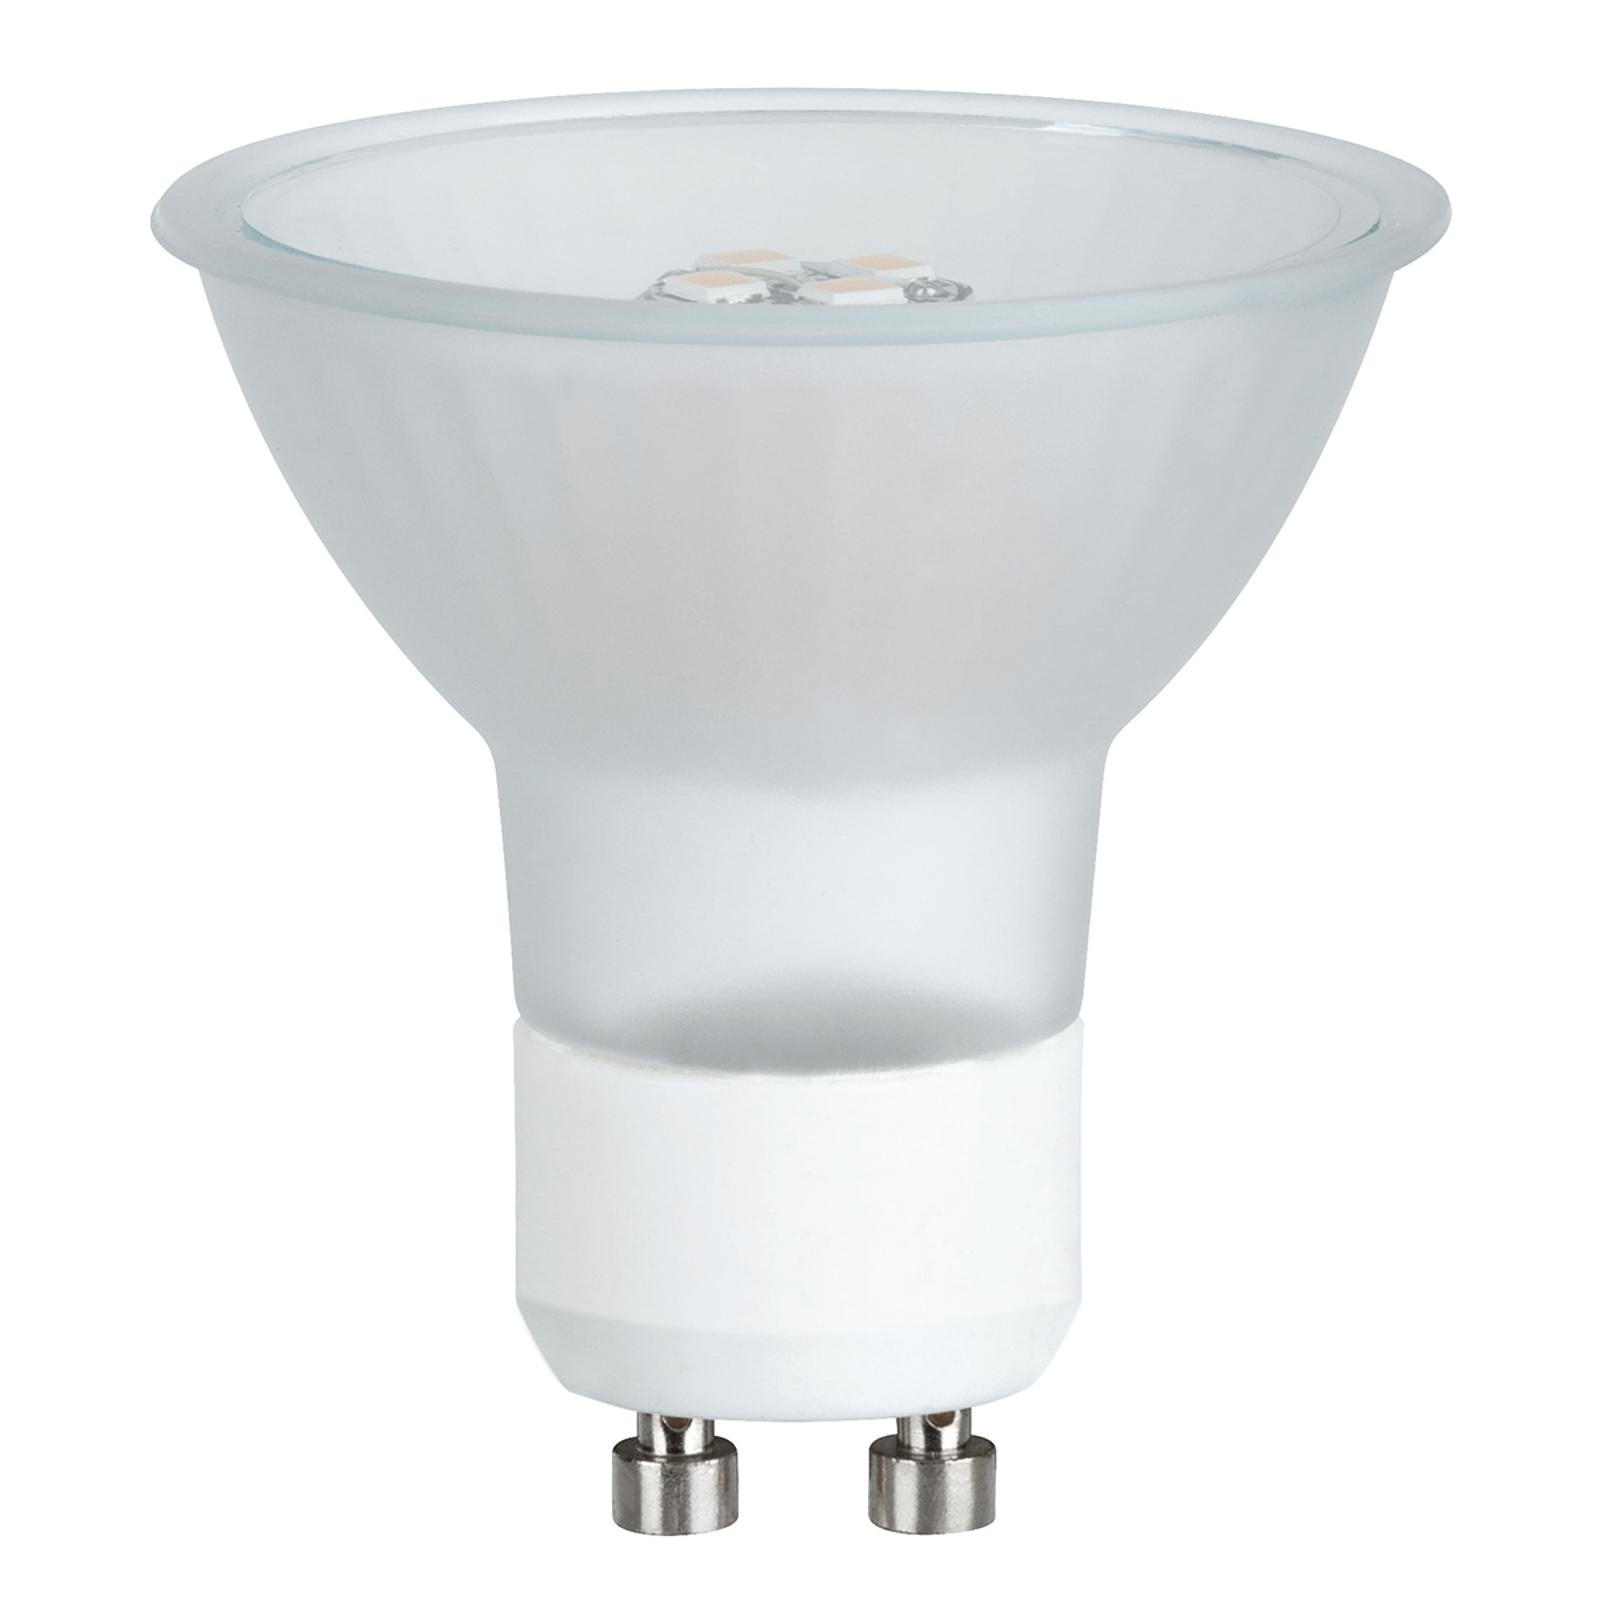 Paulmann GU10 Maxiflood LED-Reflektor 3,5W 827